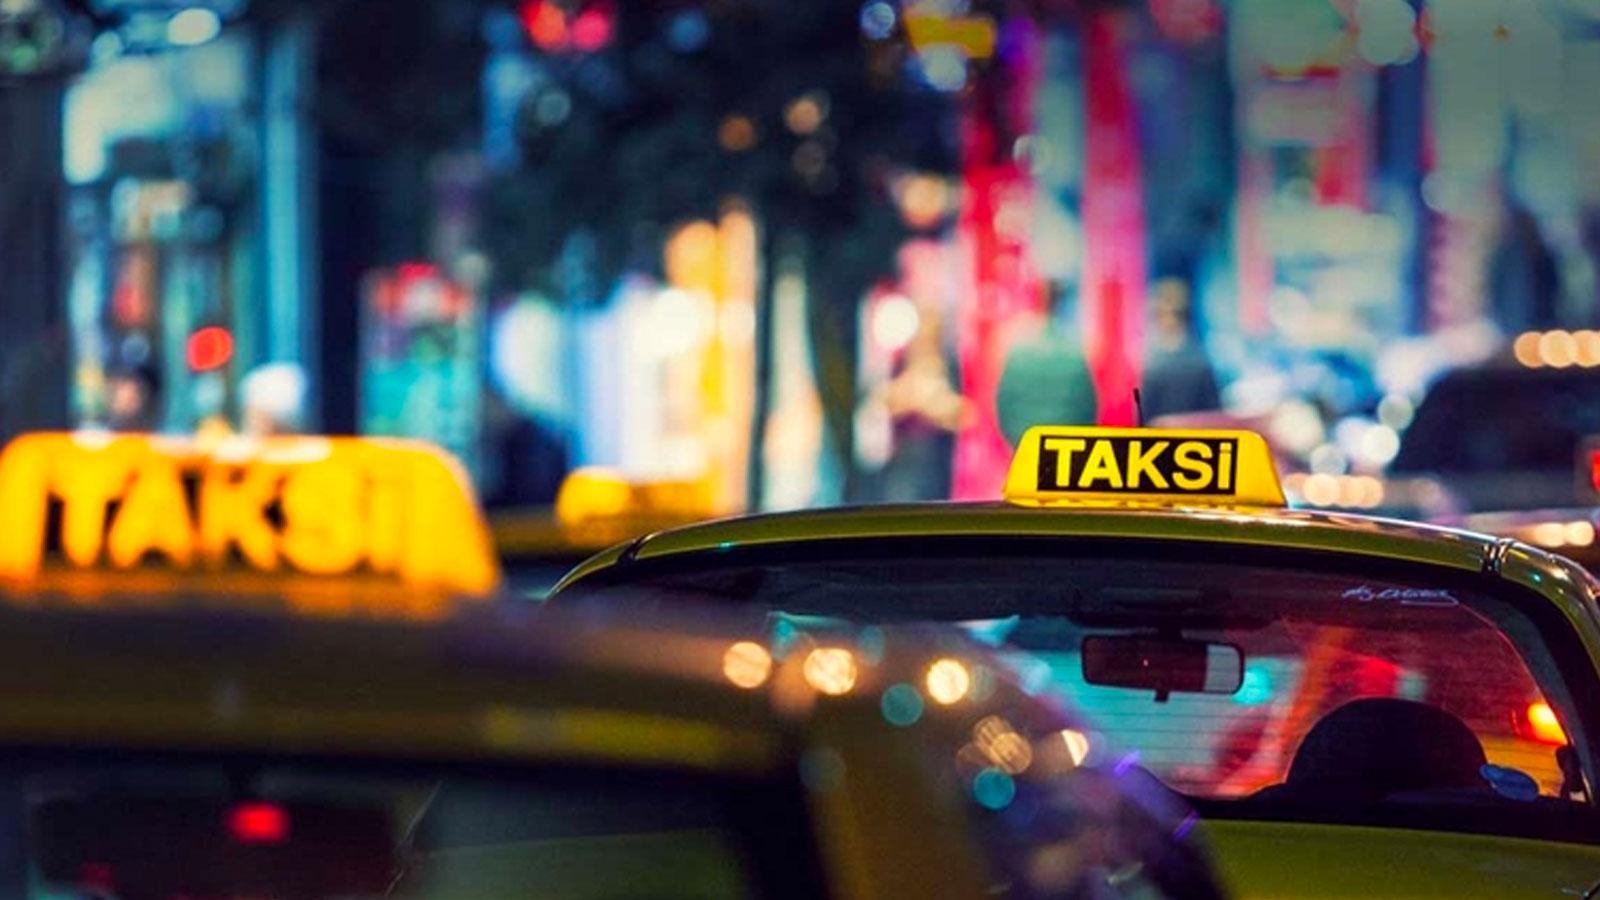 İstanbul'un bitmeyen taksi çilesi: Krizin nedeni plaka ağalığı